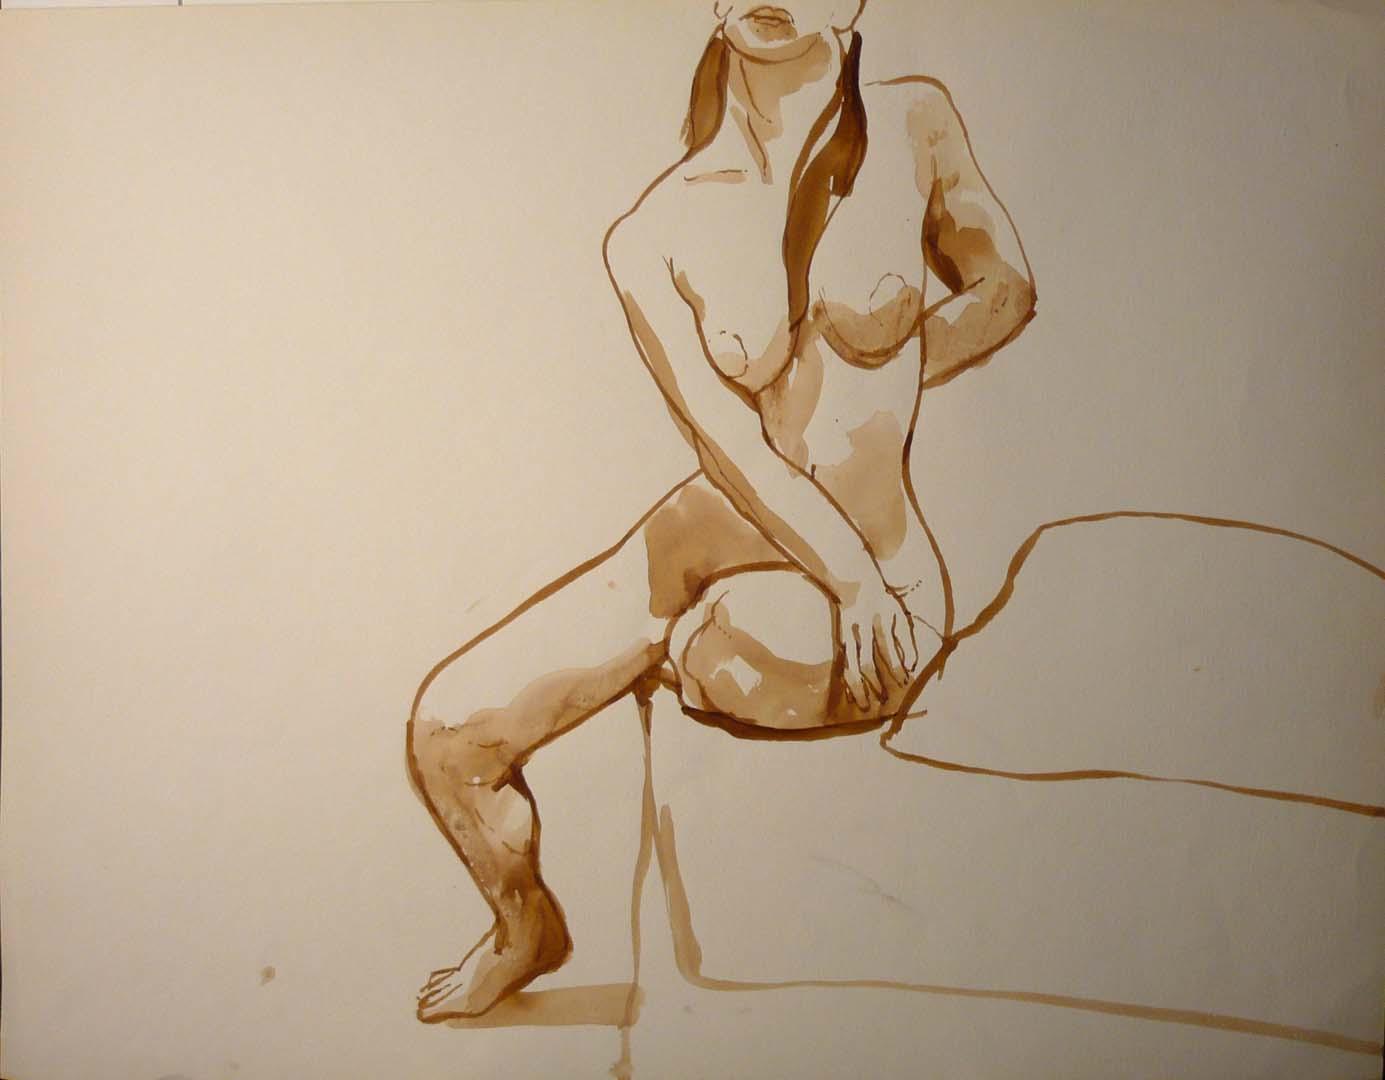 Seated Figure Sepia 19.875 x 25.875